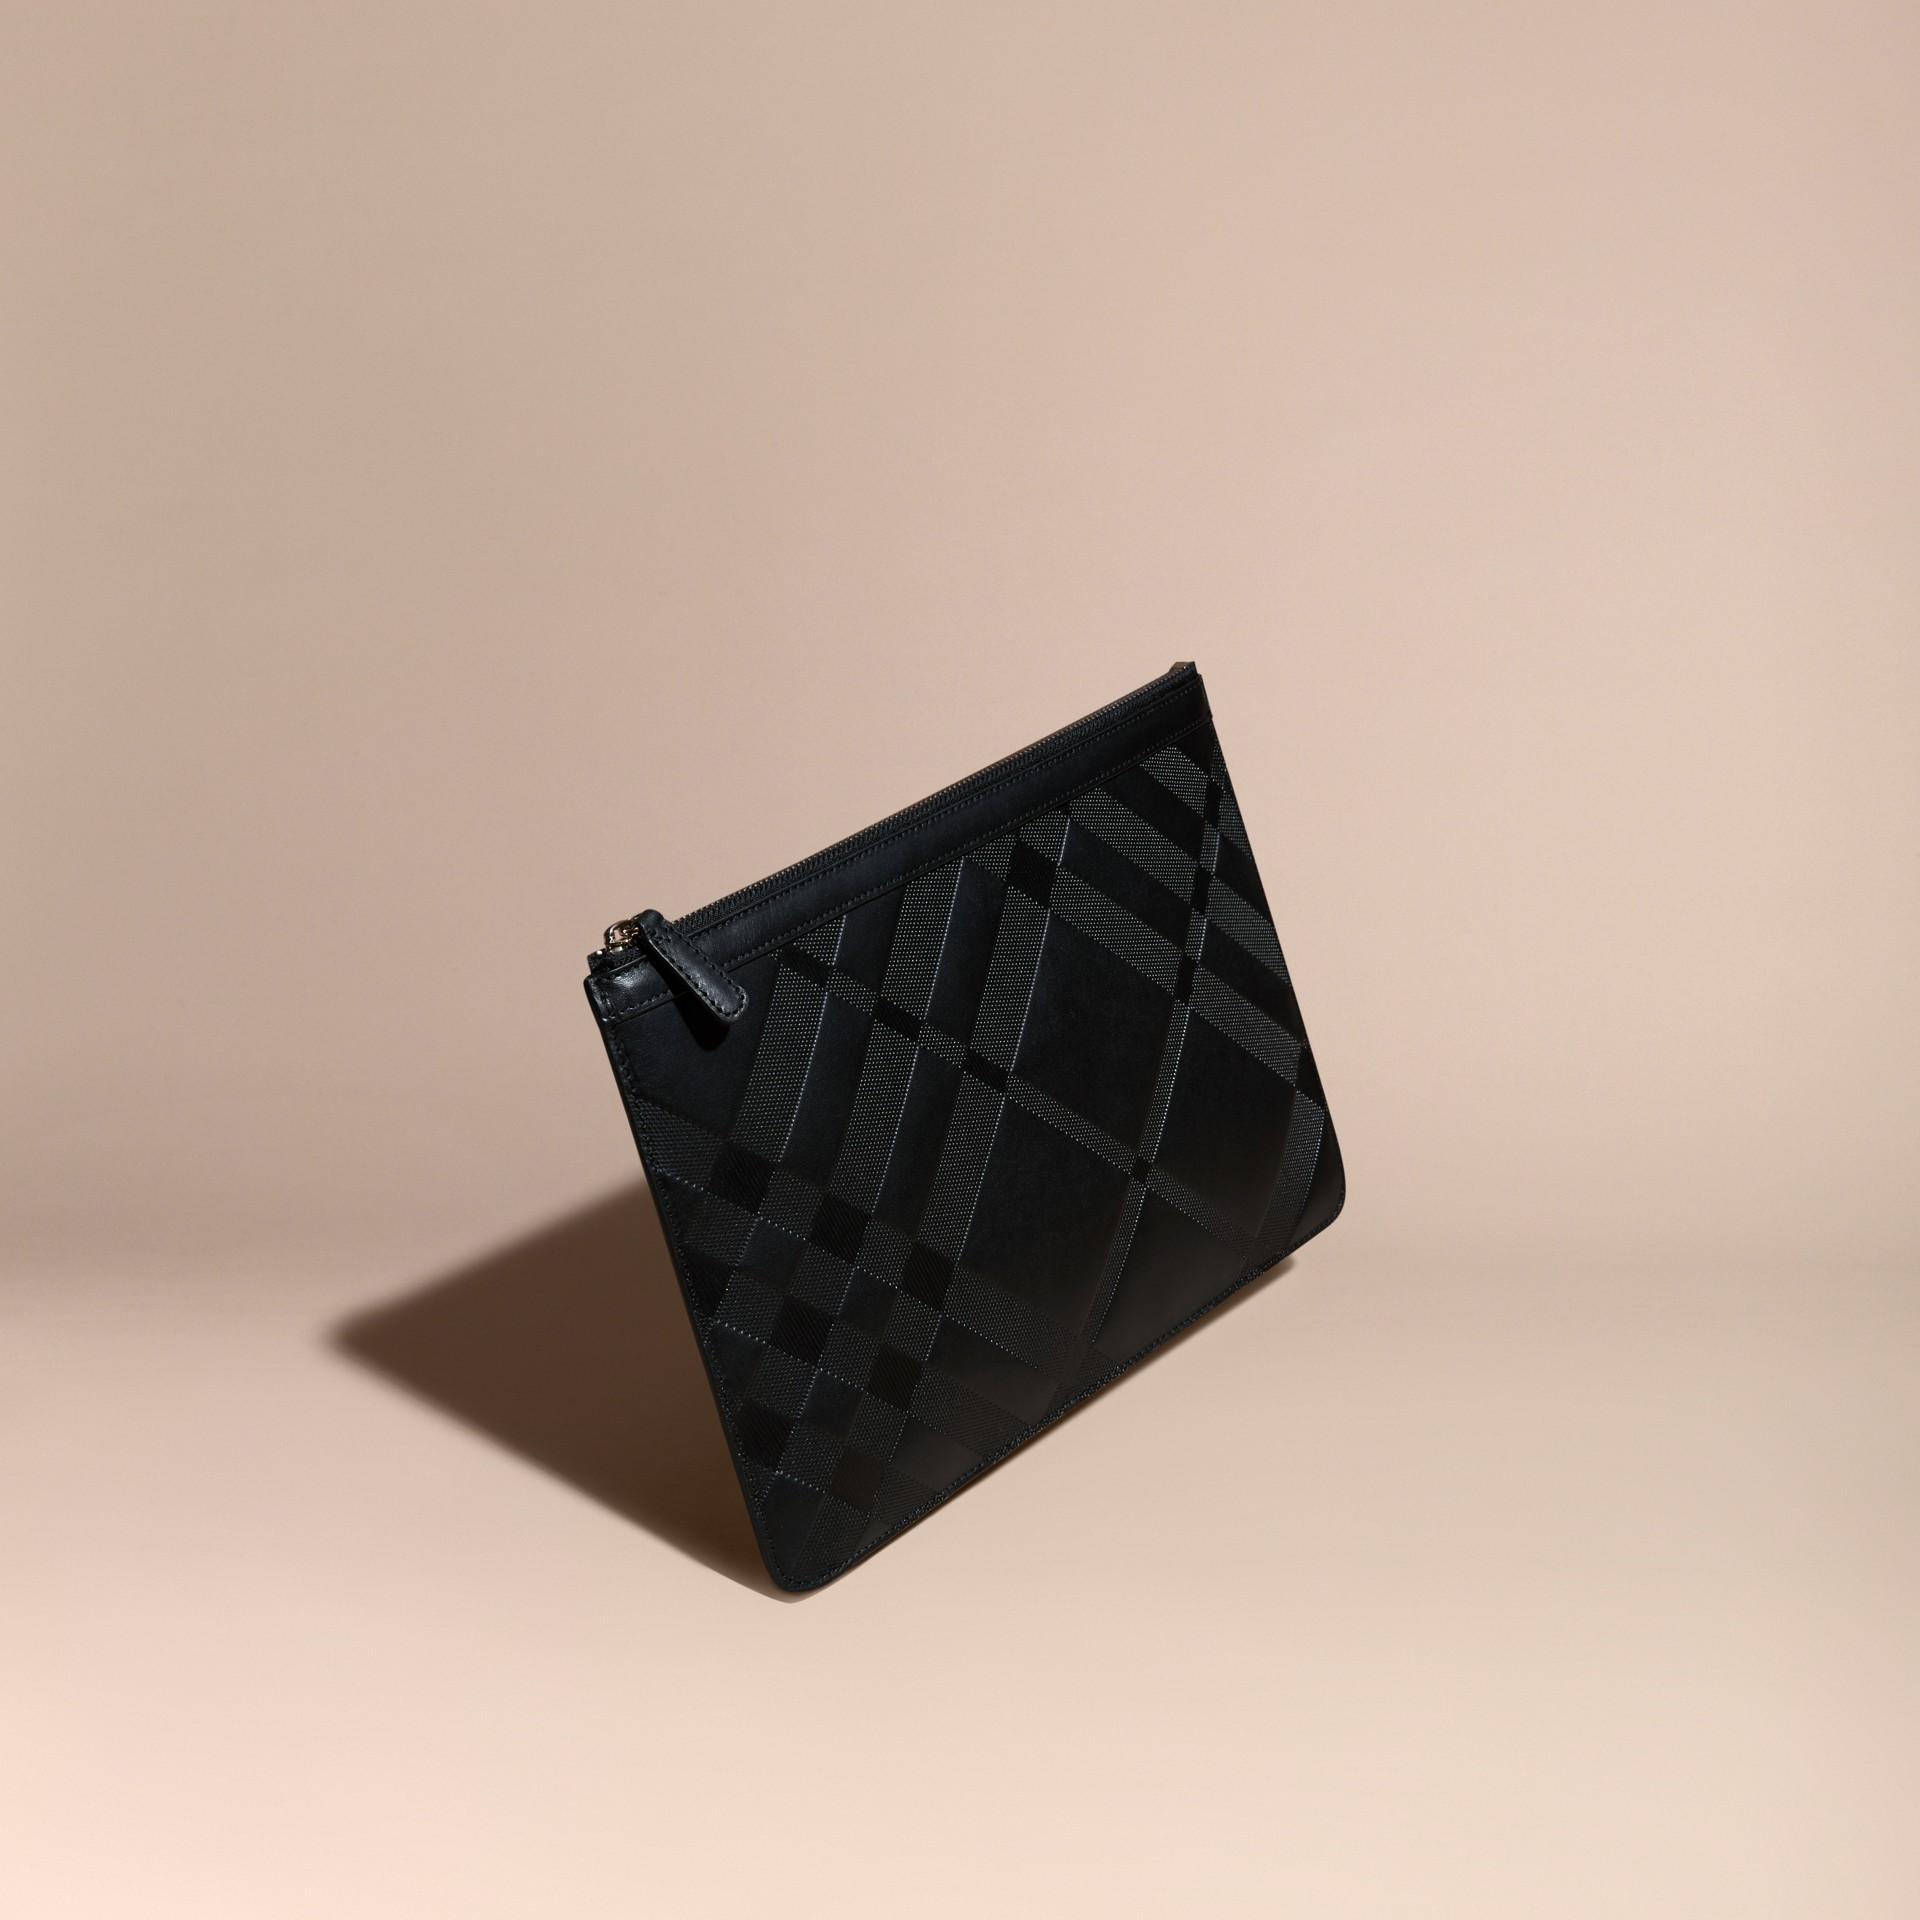 ブラック チェックエンボスト レザーポーチ ブラック - ギャラリーイメージ 1